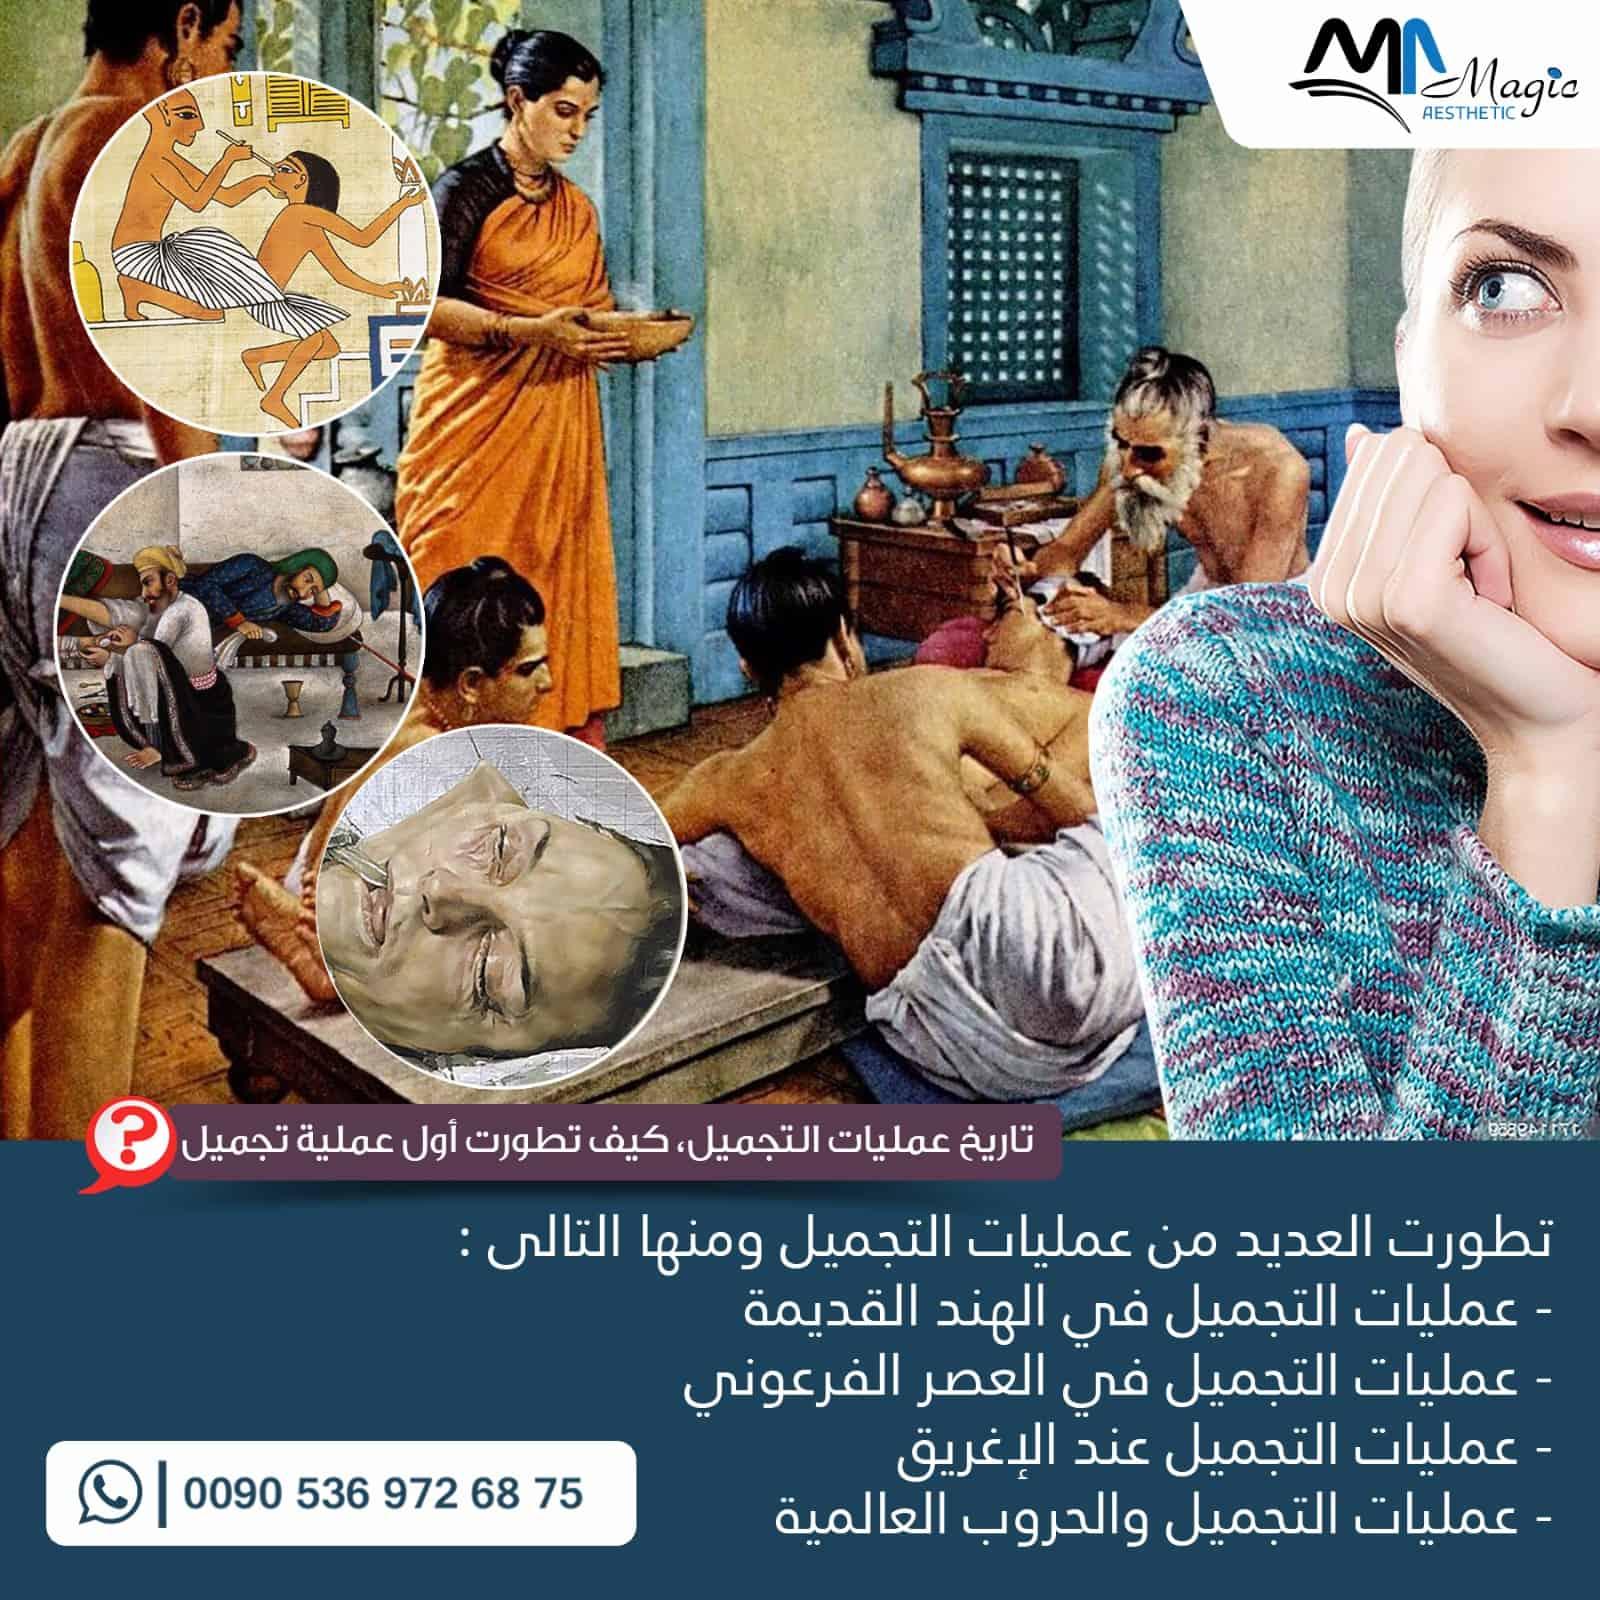 تطور جراحة الطب التجميلي